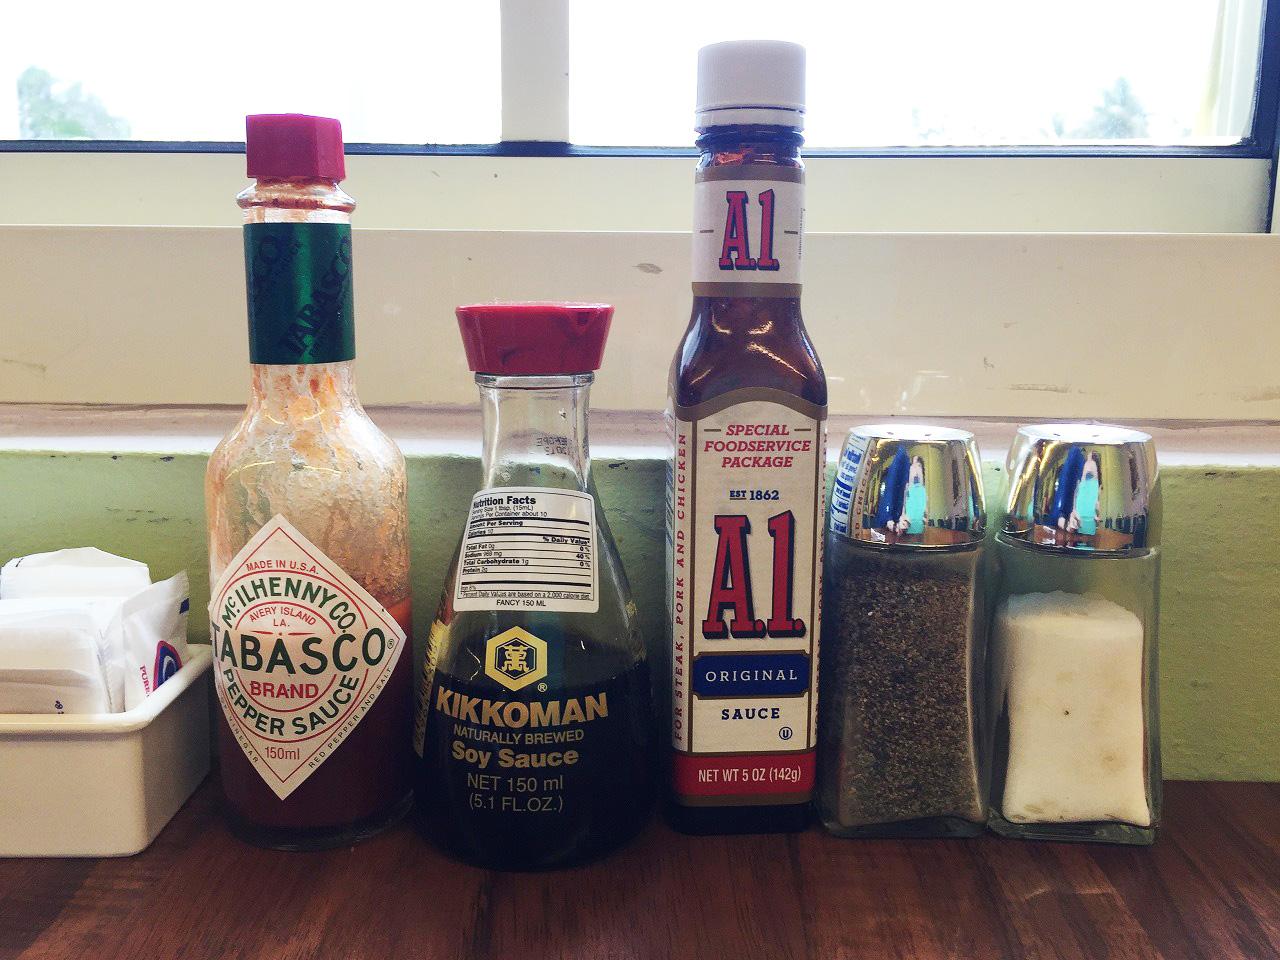 A.1.ソースとお醤油とタバスコはローカルの方の必需品です。